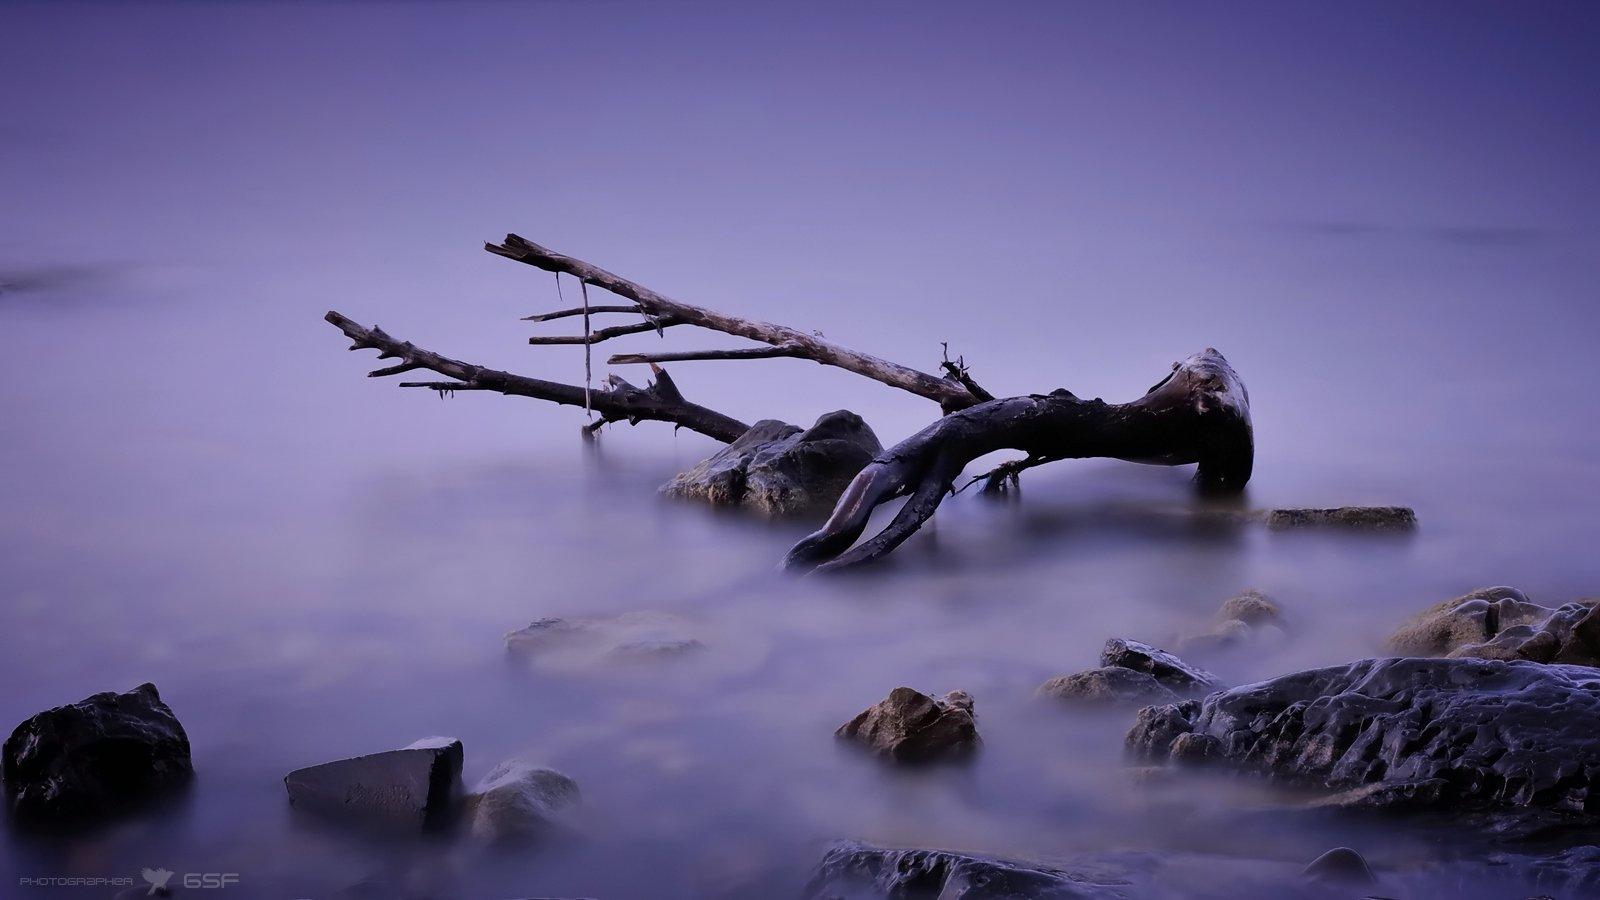 море, вода, коряга, сумерки, Serj Master